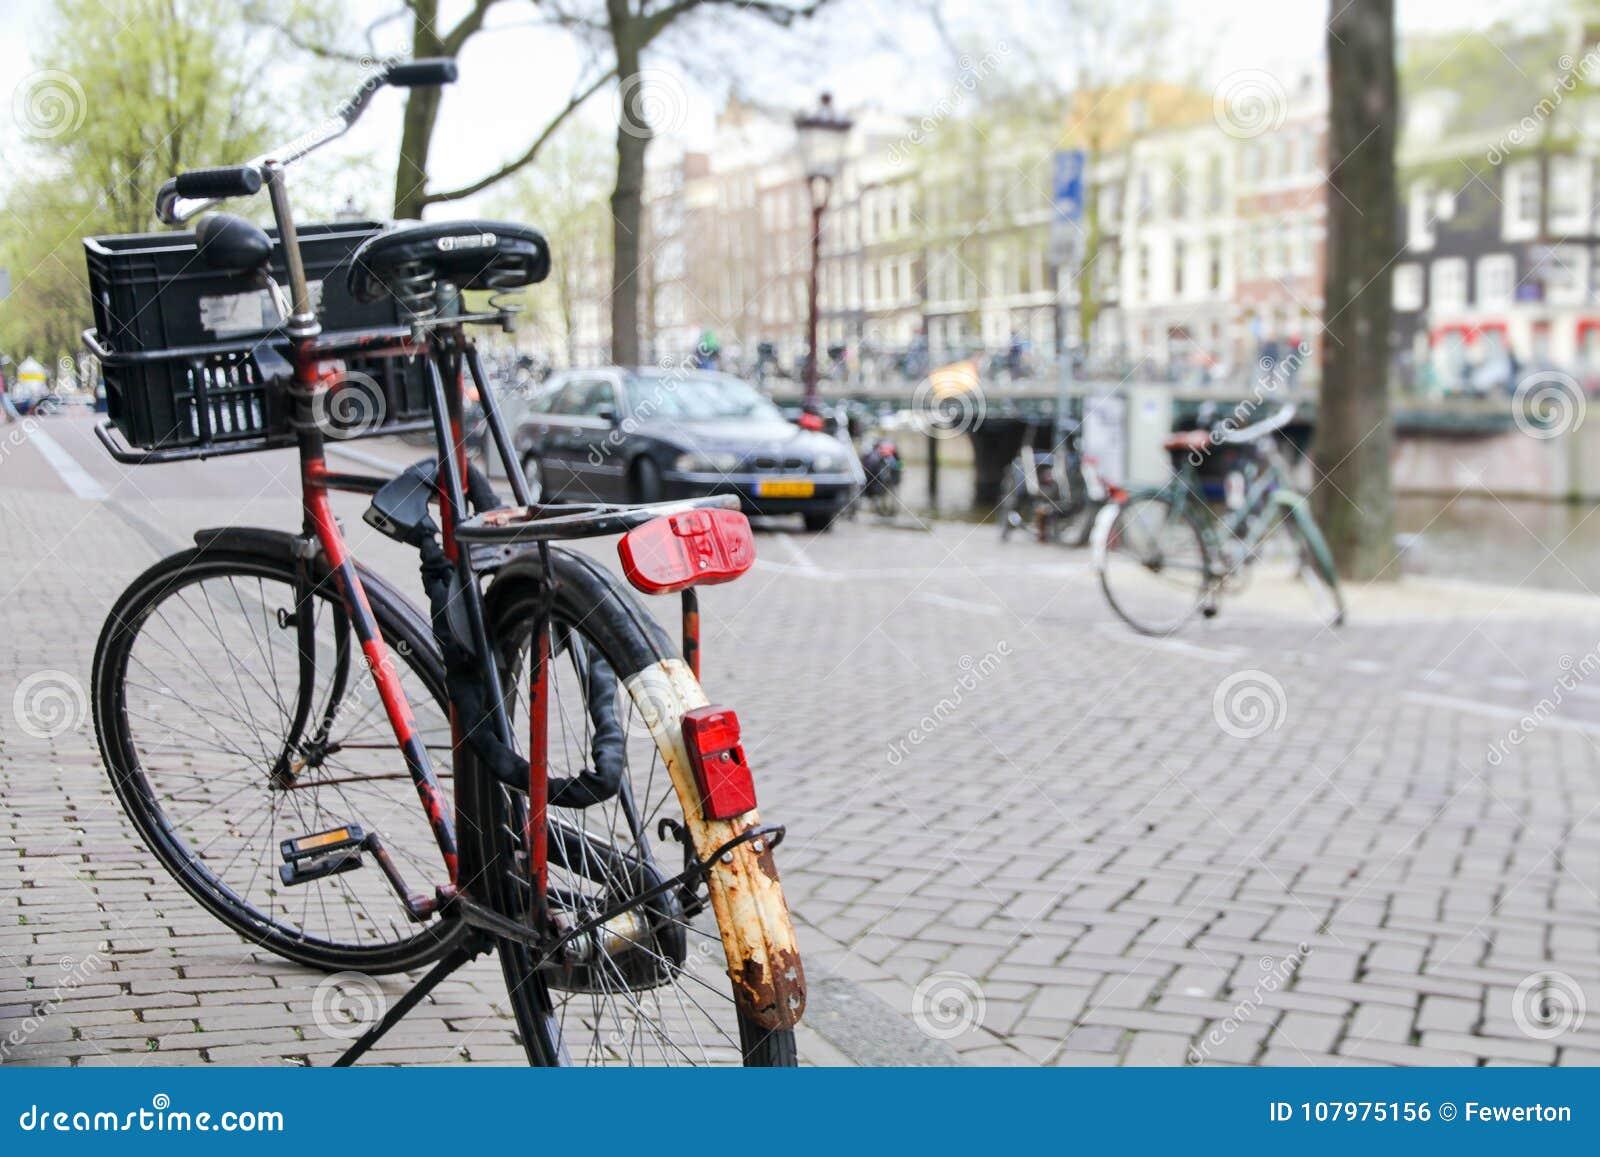 Fahrrad parkte auf der Straße im Vordergrund mit einem typischen Kanal und einer Architektur von Amsterdam, die Niederlande